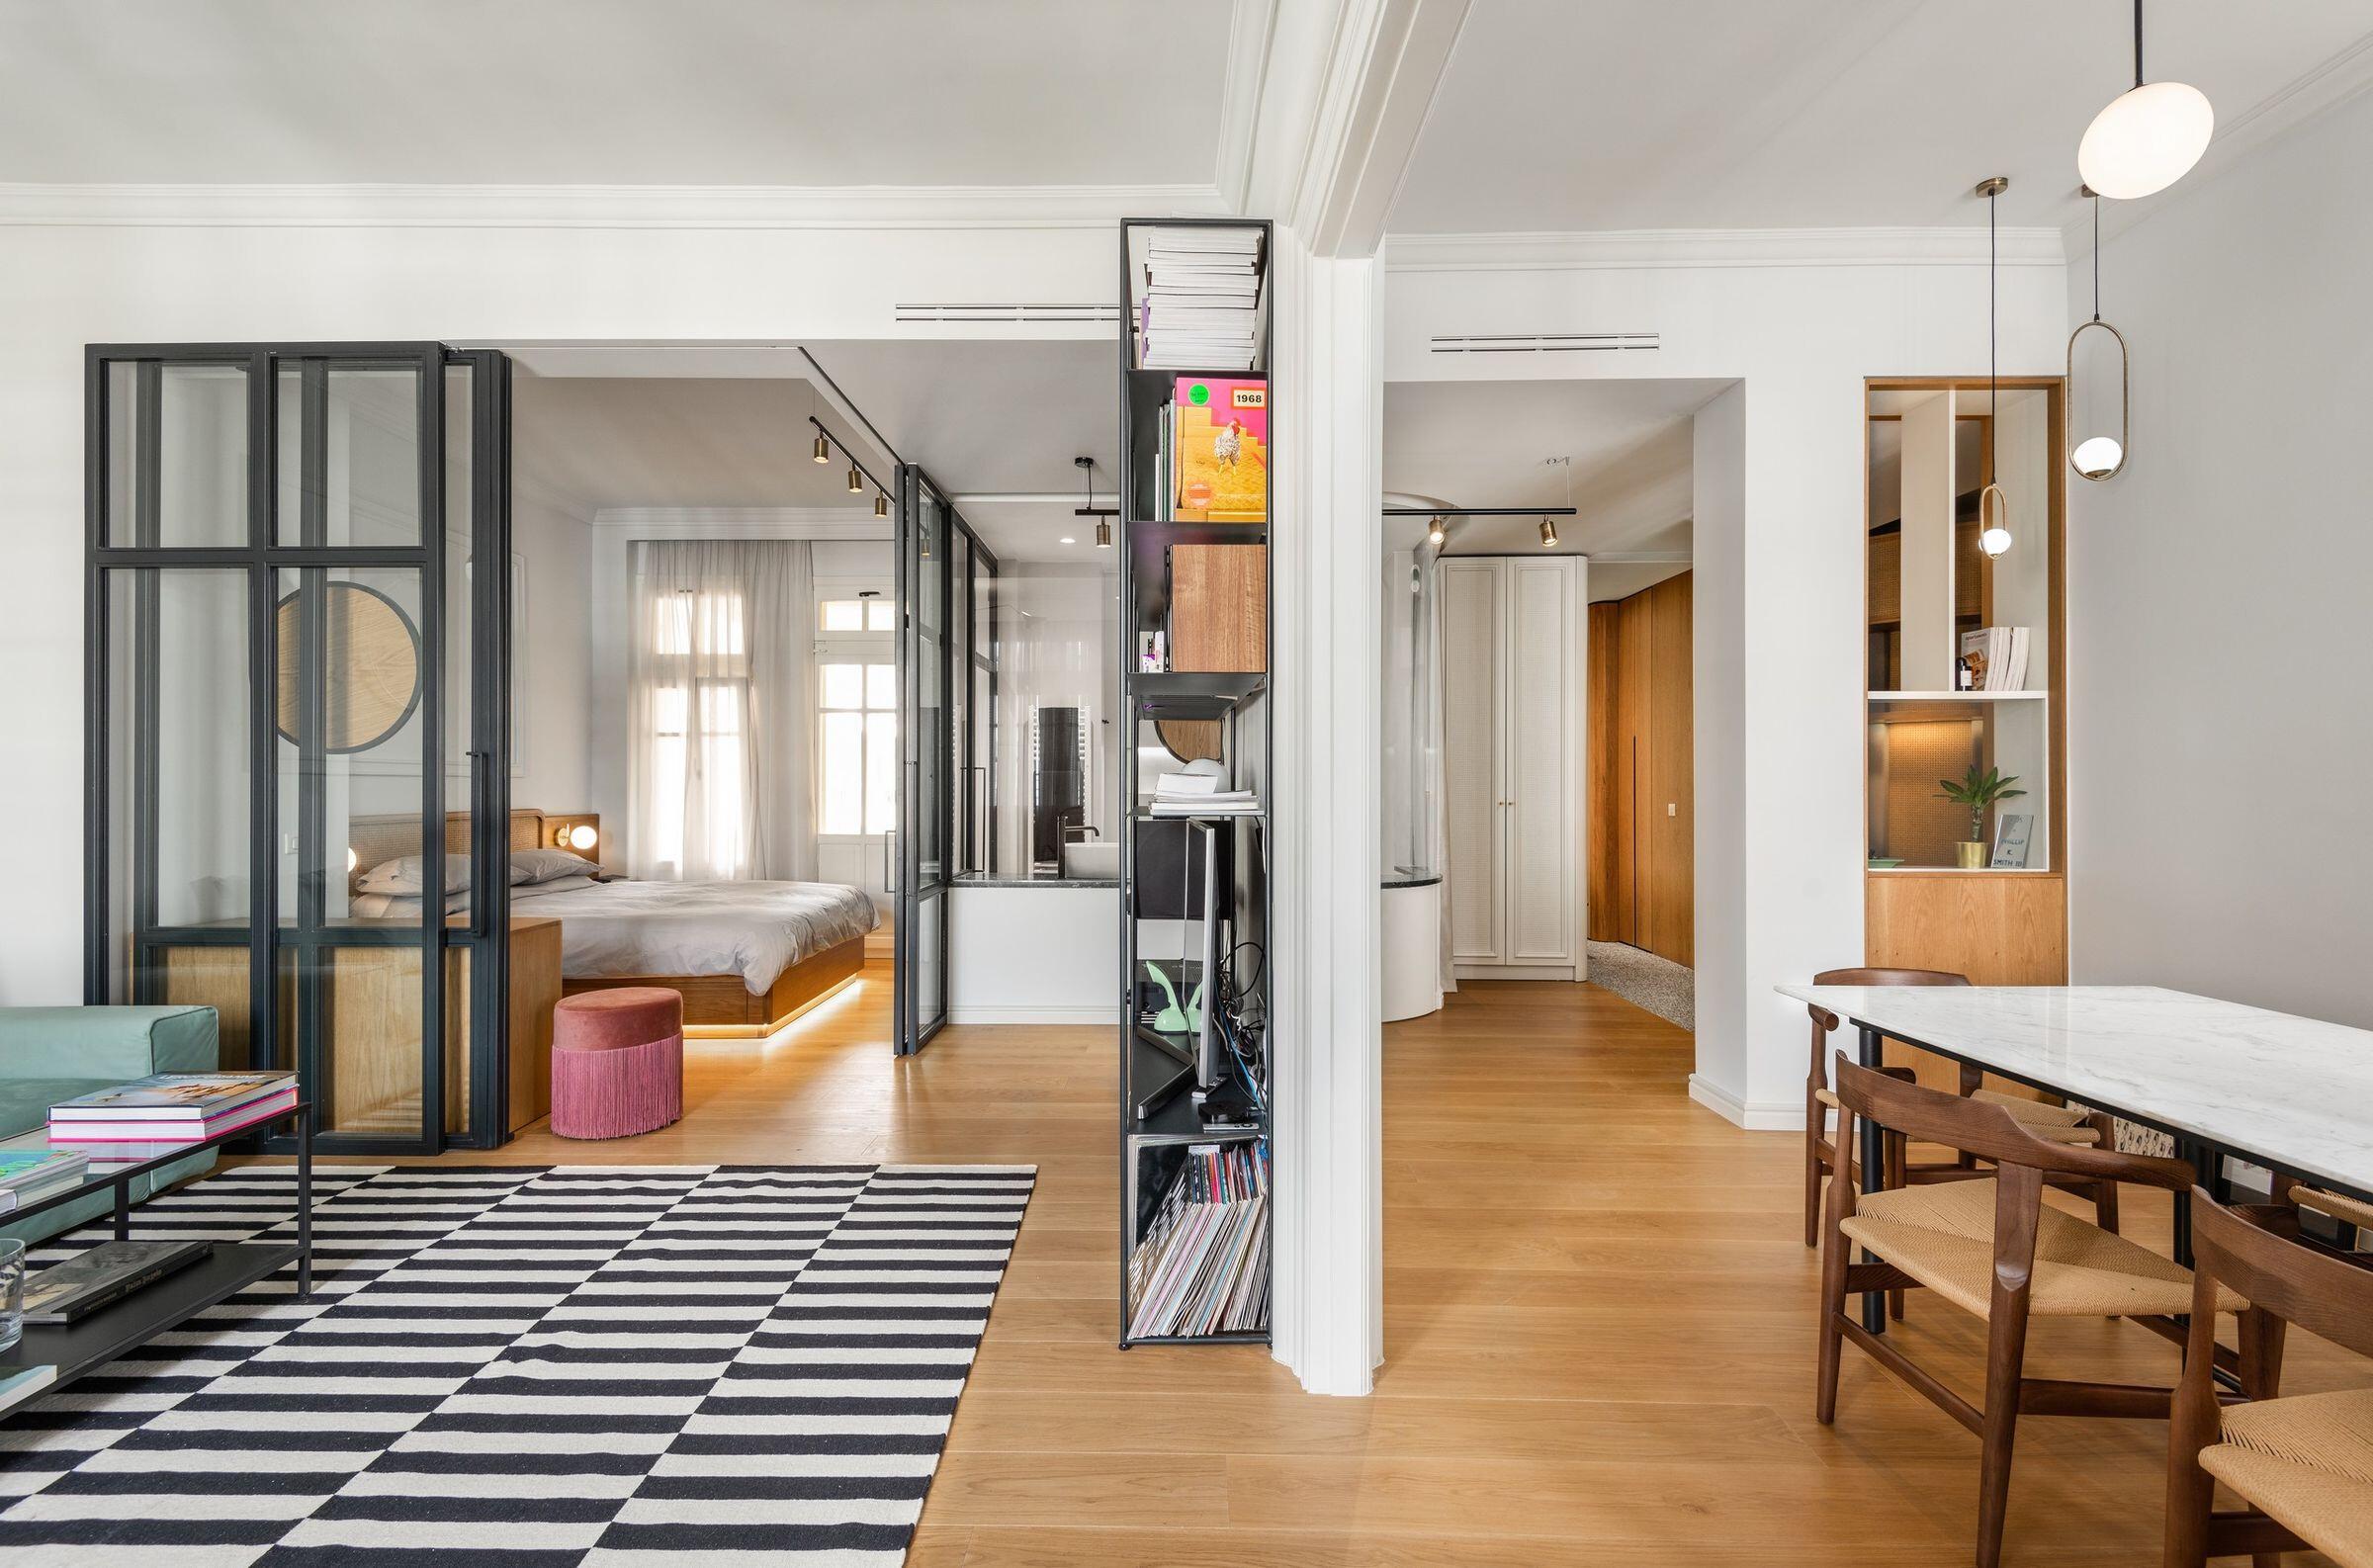 The Transparent Apartment